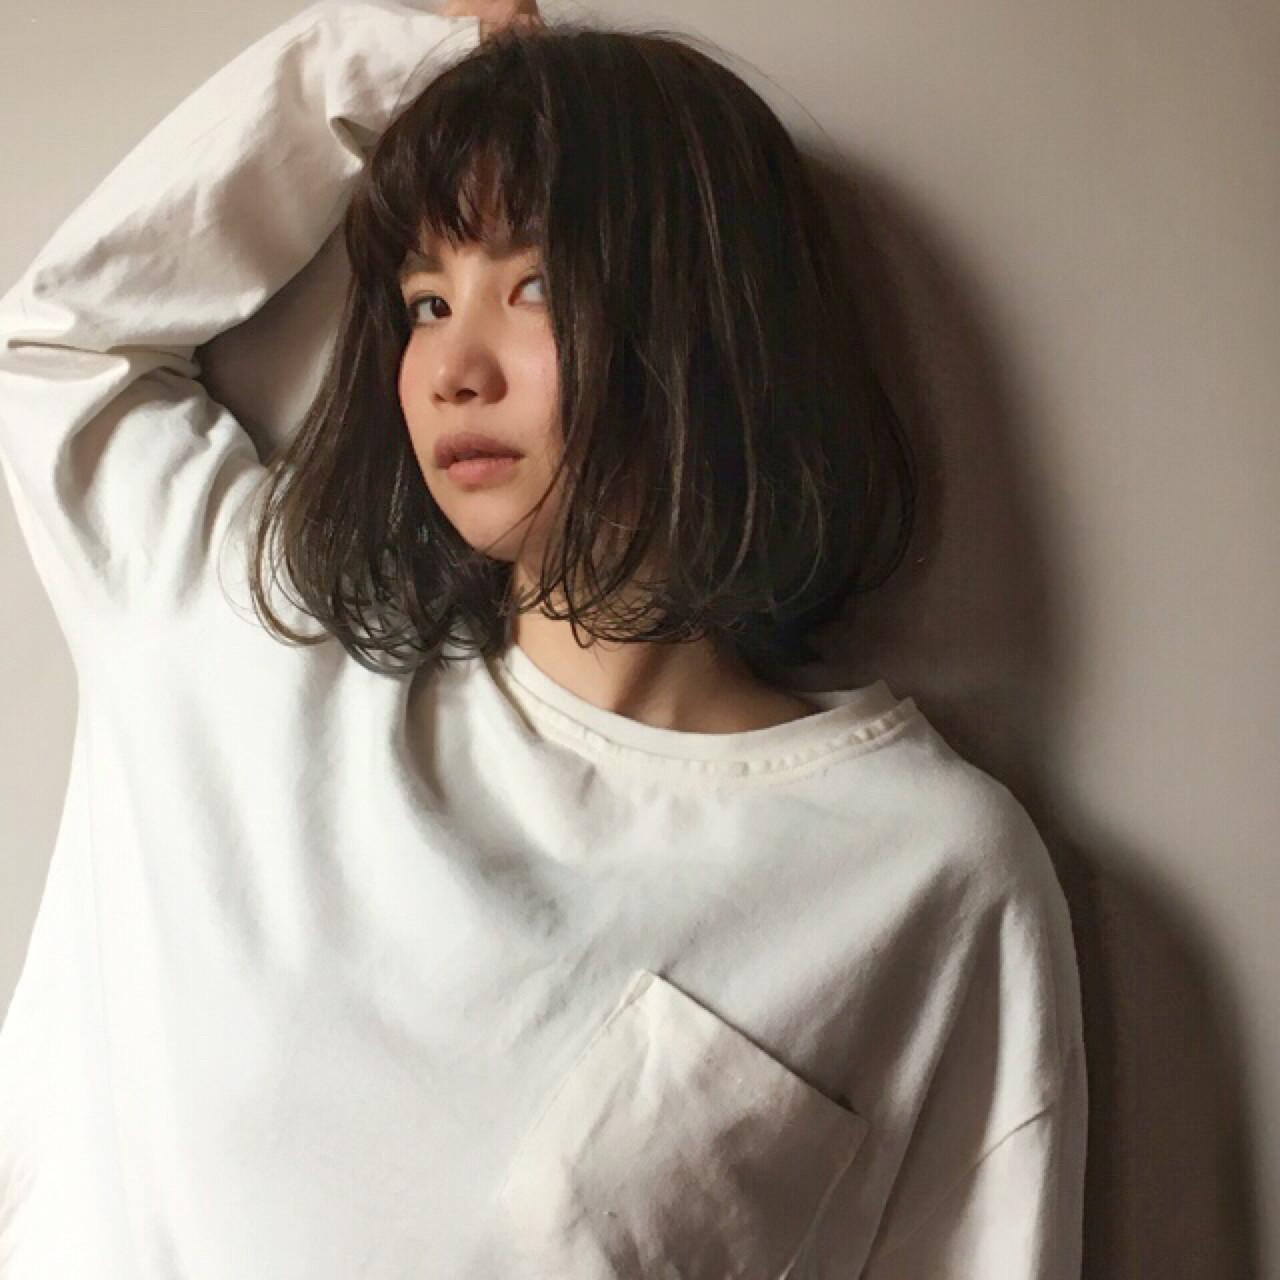 なりたいが叶う♡印象別黒髪ぱっつんボブスタイルを紹介! 上川美幸